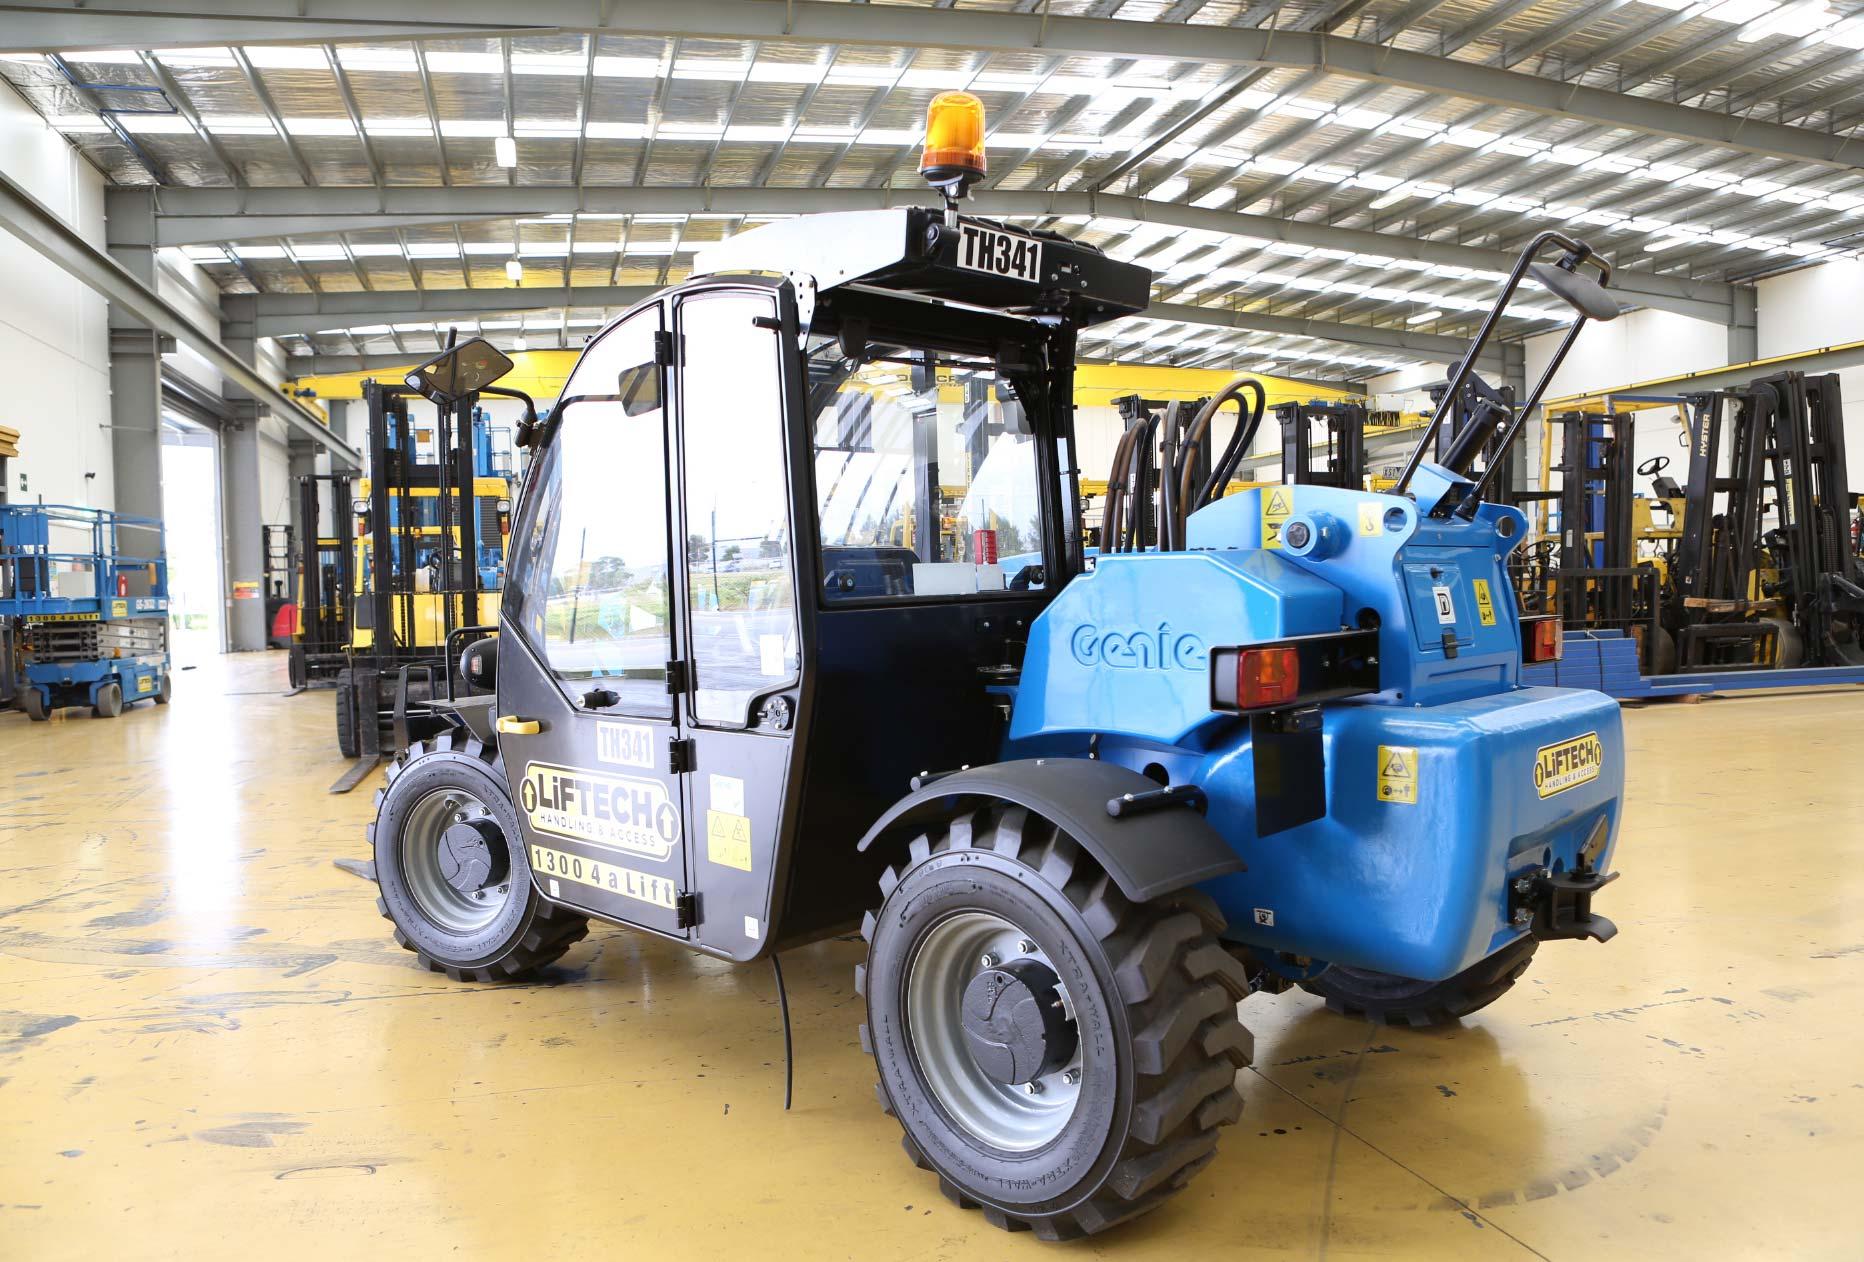 Hire 2.5 Tonne Telehandler Forklift Liftech